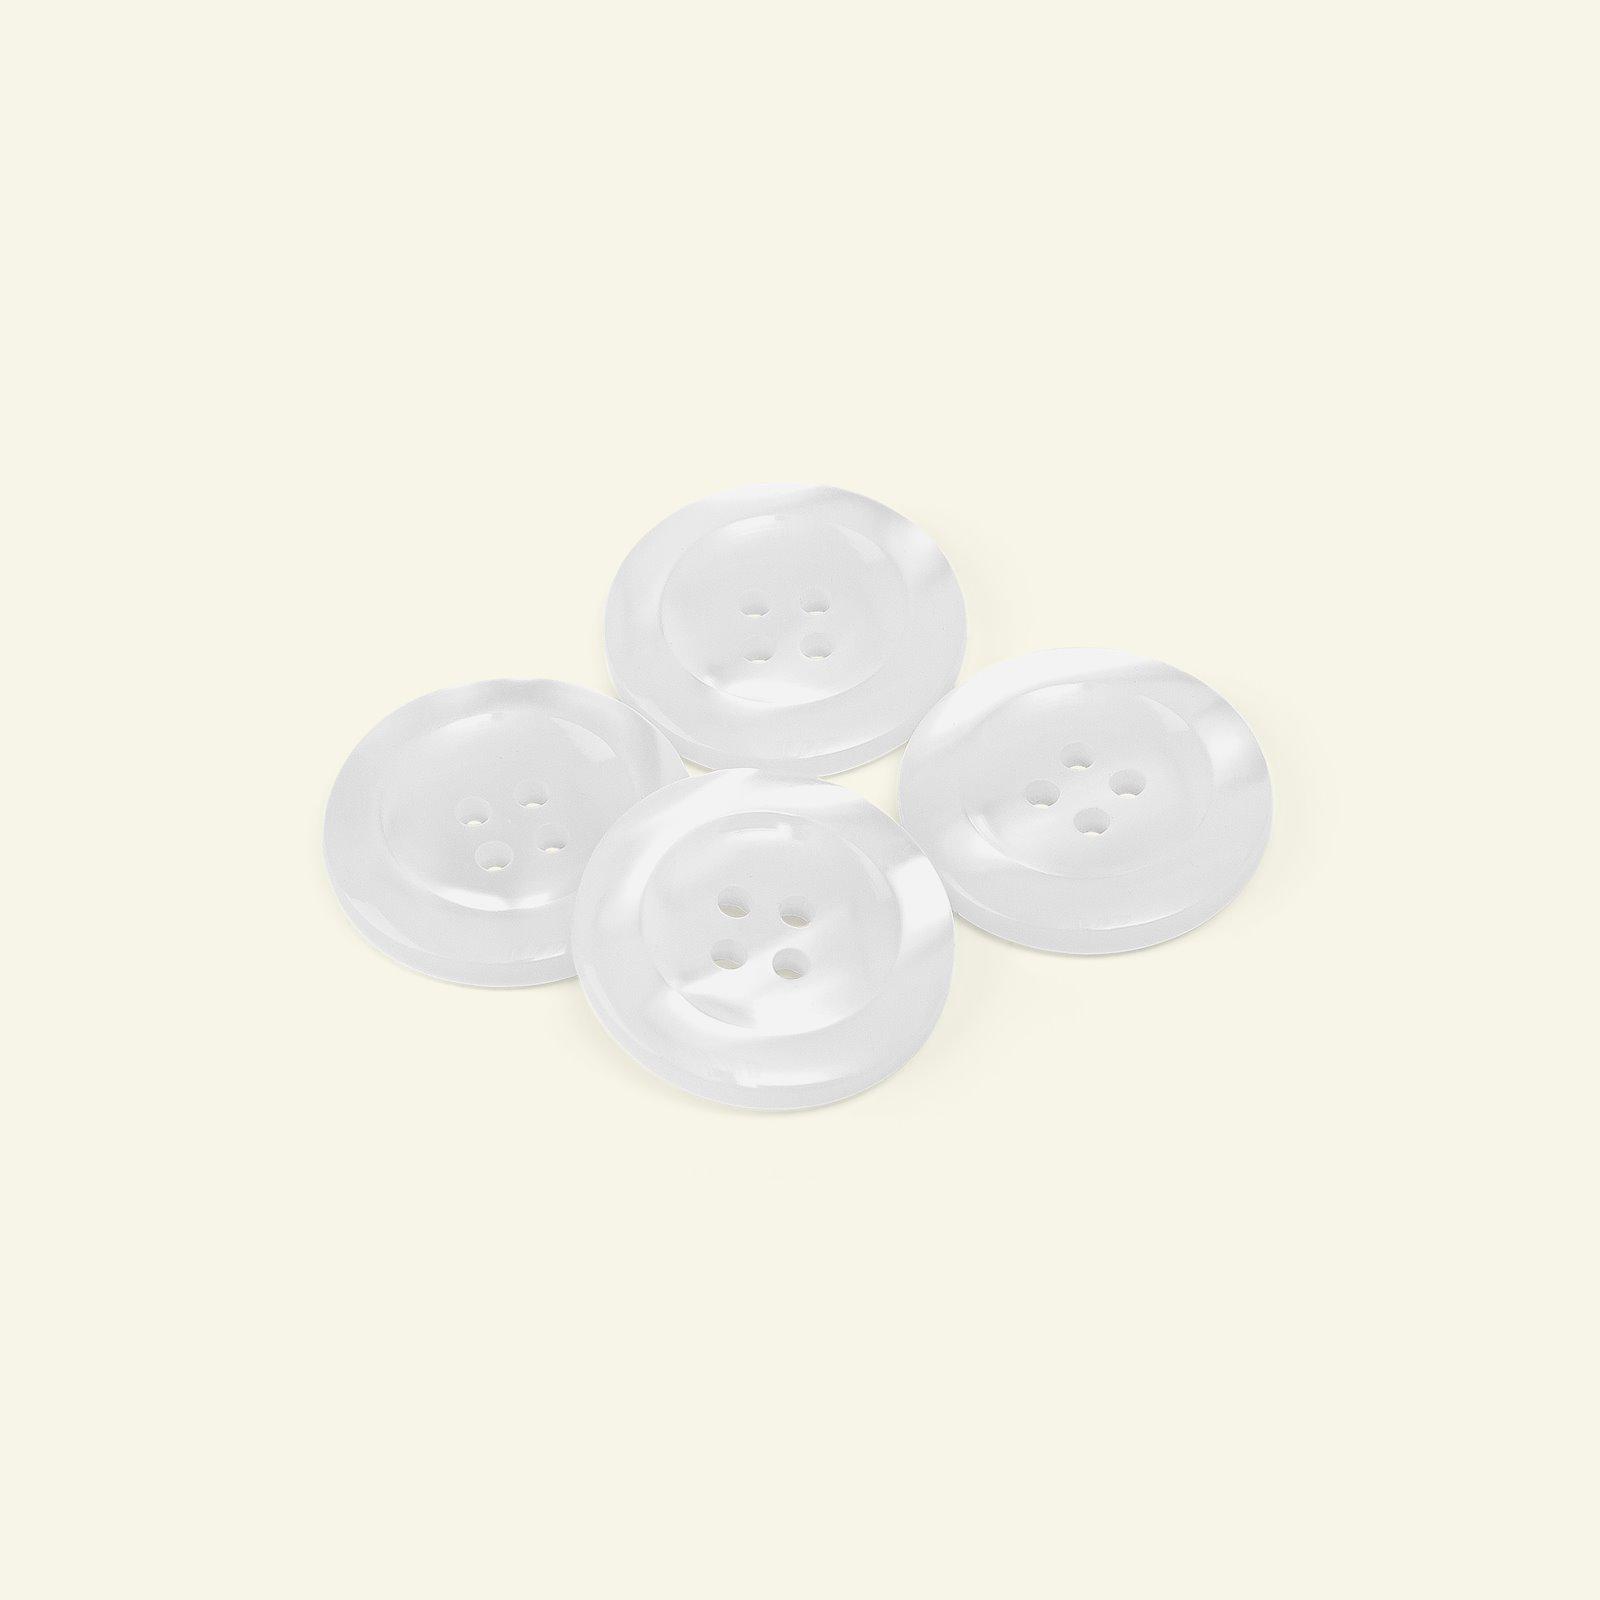 Button 4-holes w/rim 25mm white 4pcs 33031_pack